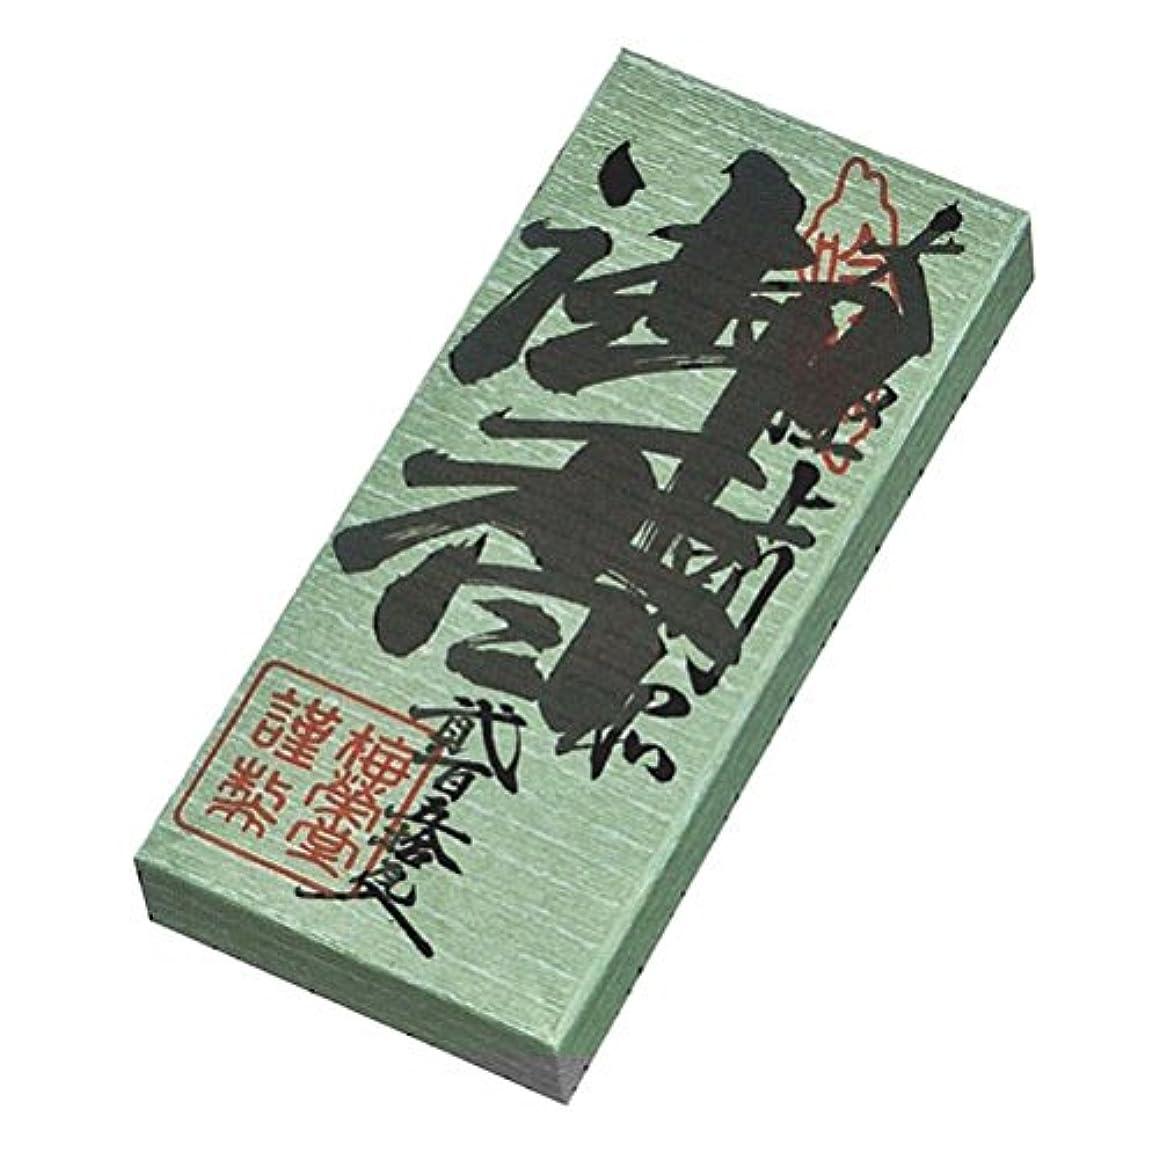 専制症候群すすり泣き仙寿印 250g 紙箱入り お焼香 梅栄堂